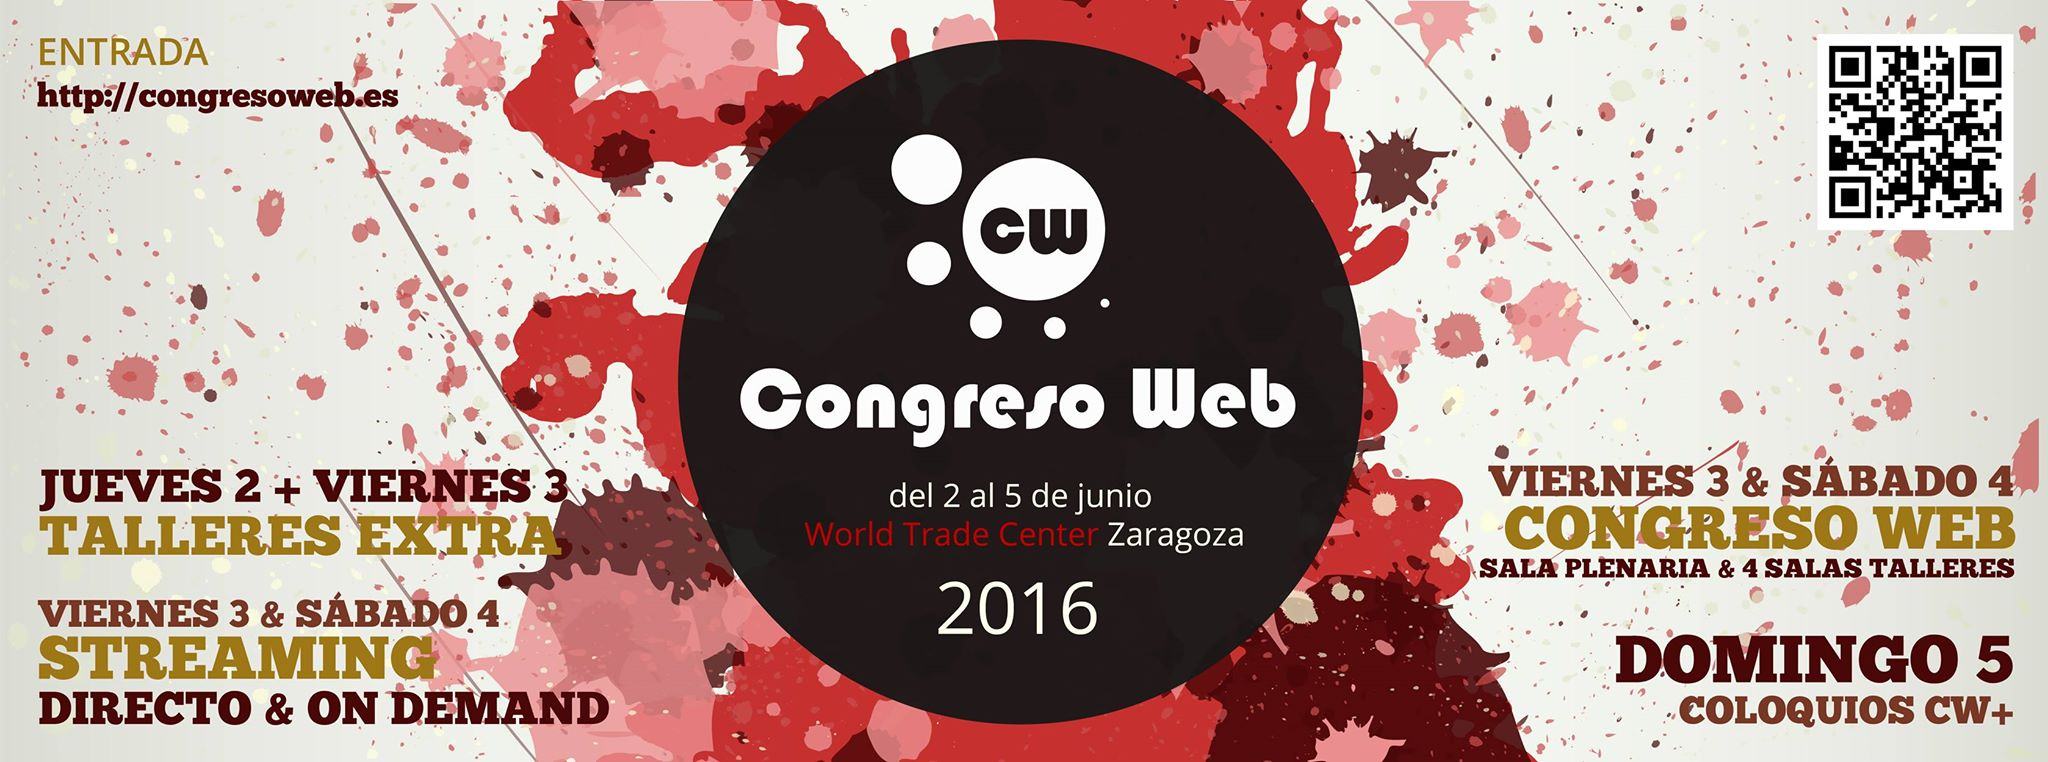 Qué esperas de Congreso Web 2016